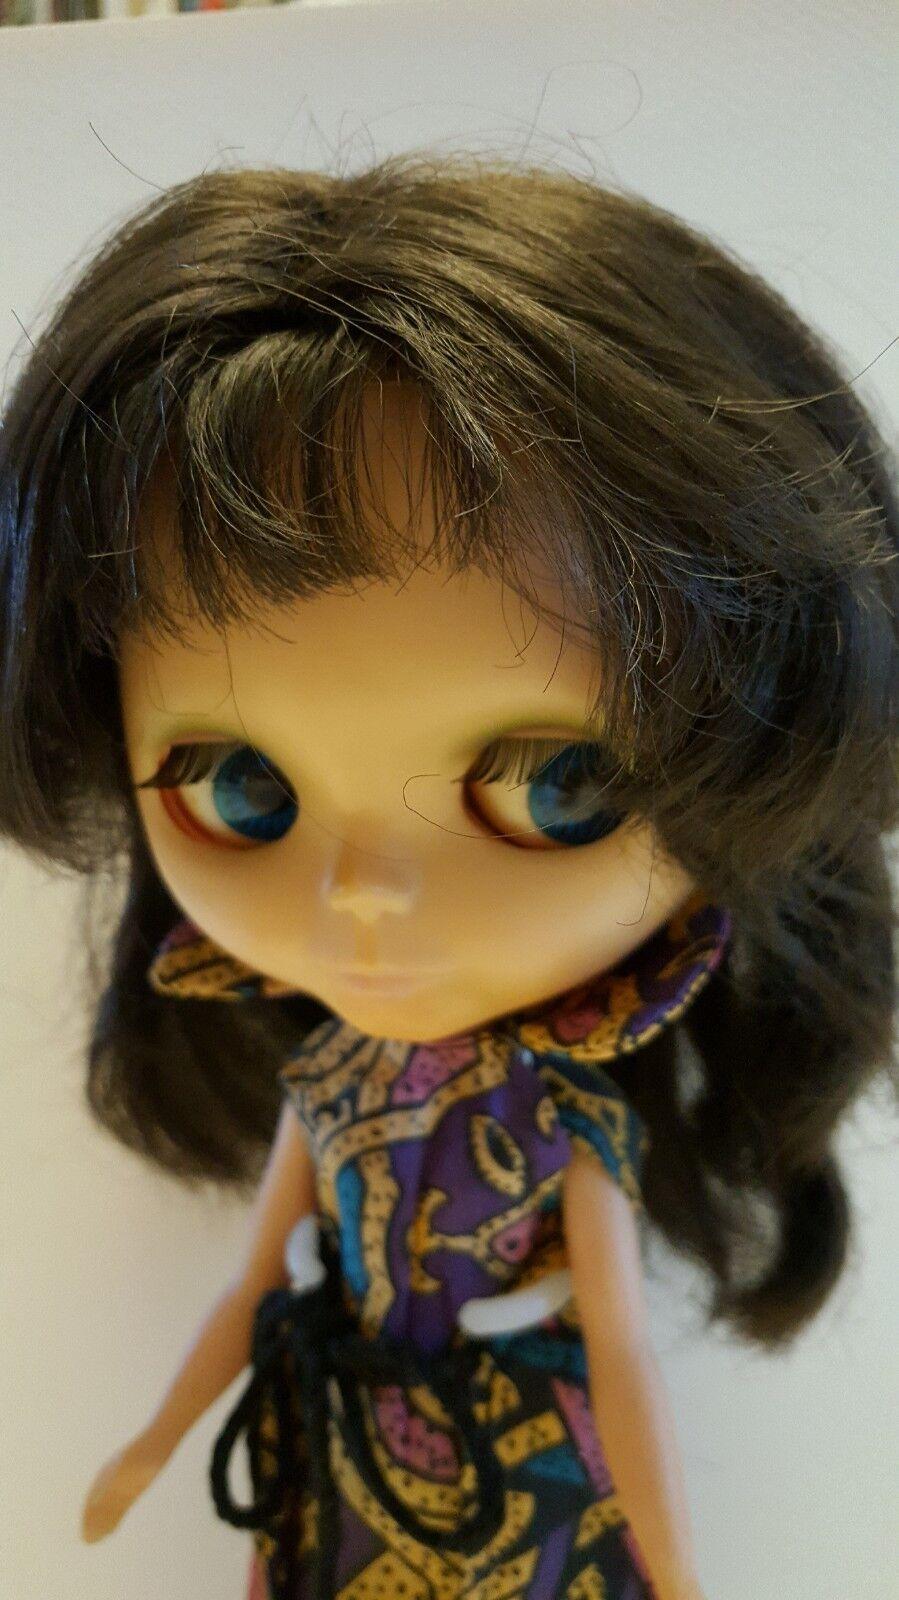 VINTAGE  KENNER Blythe bambola 1972 Bcorrerea Capelli in ORIGINALE trucco e vestito 7lns  varie dimensioni